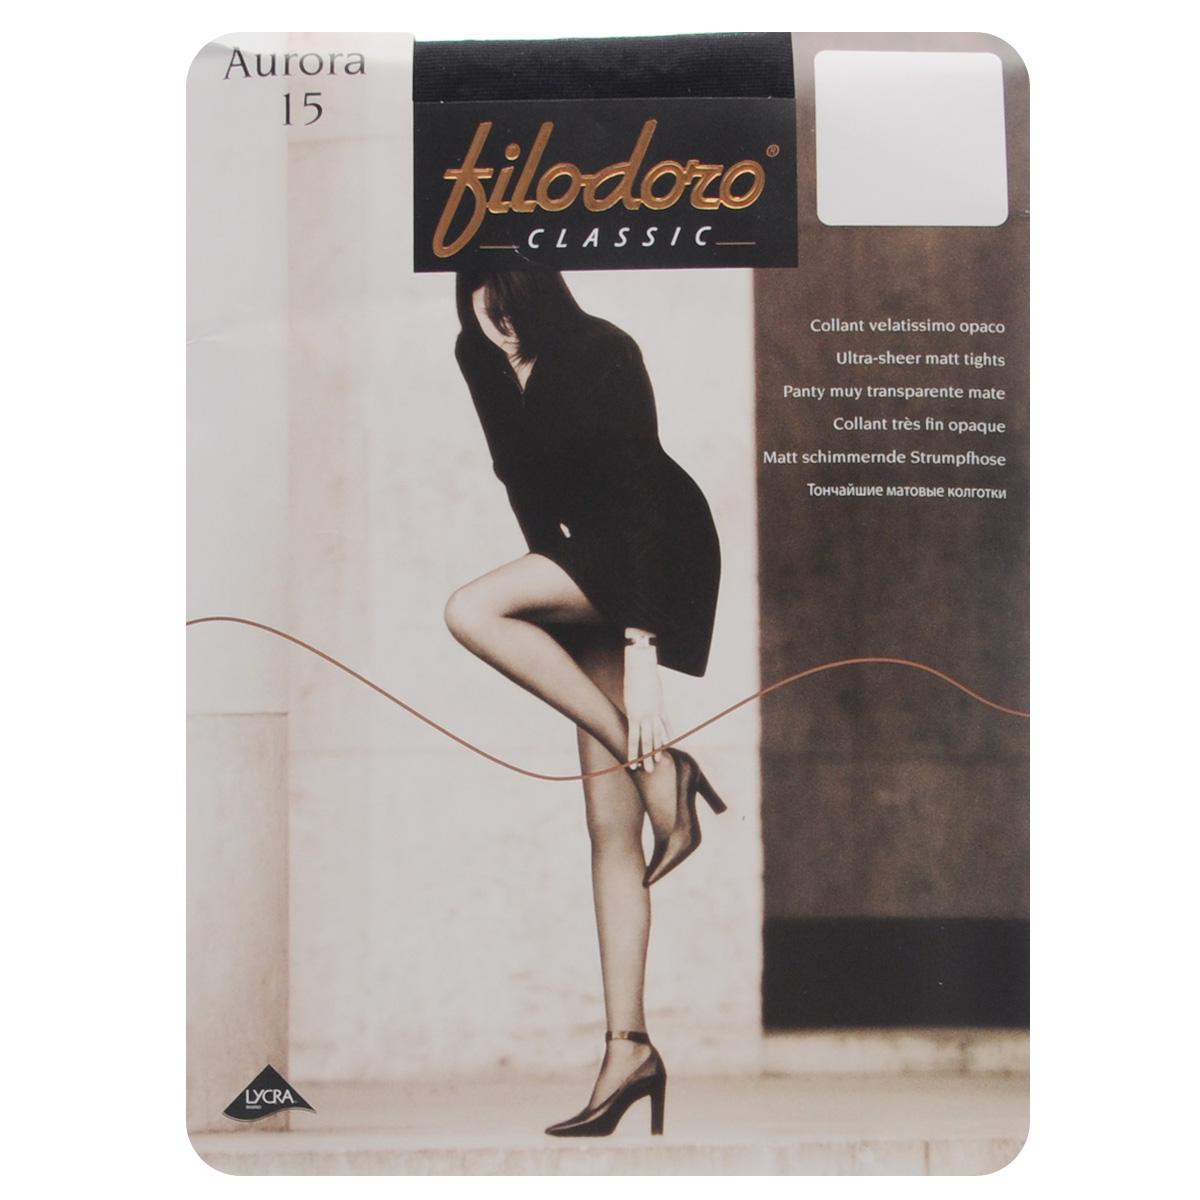 Колготки женские Filodoro Classic Aurora 15, цвет: Nero (черный). C110177FC. Размер 4 (L) колготки filodoro slim control top размер 2 плотность 40 den nero